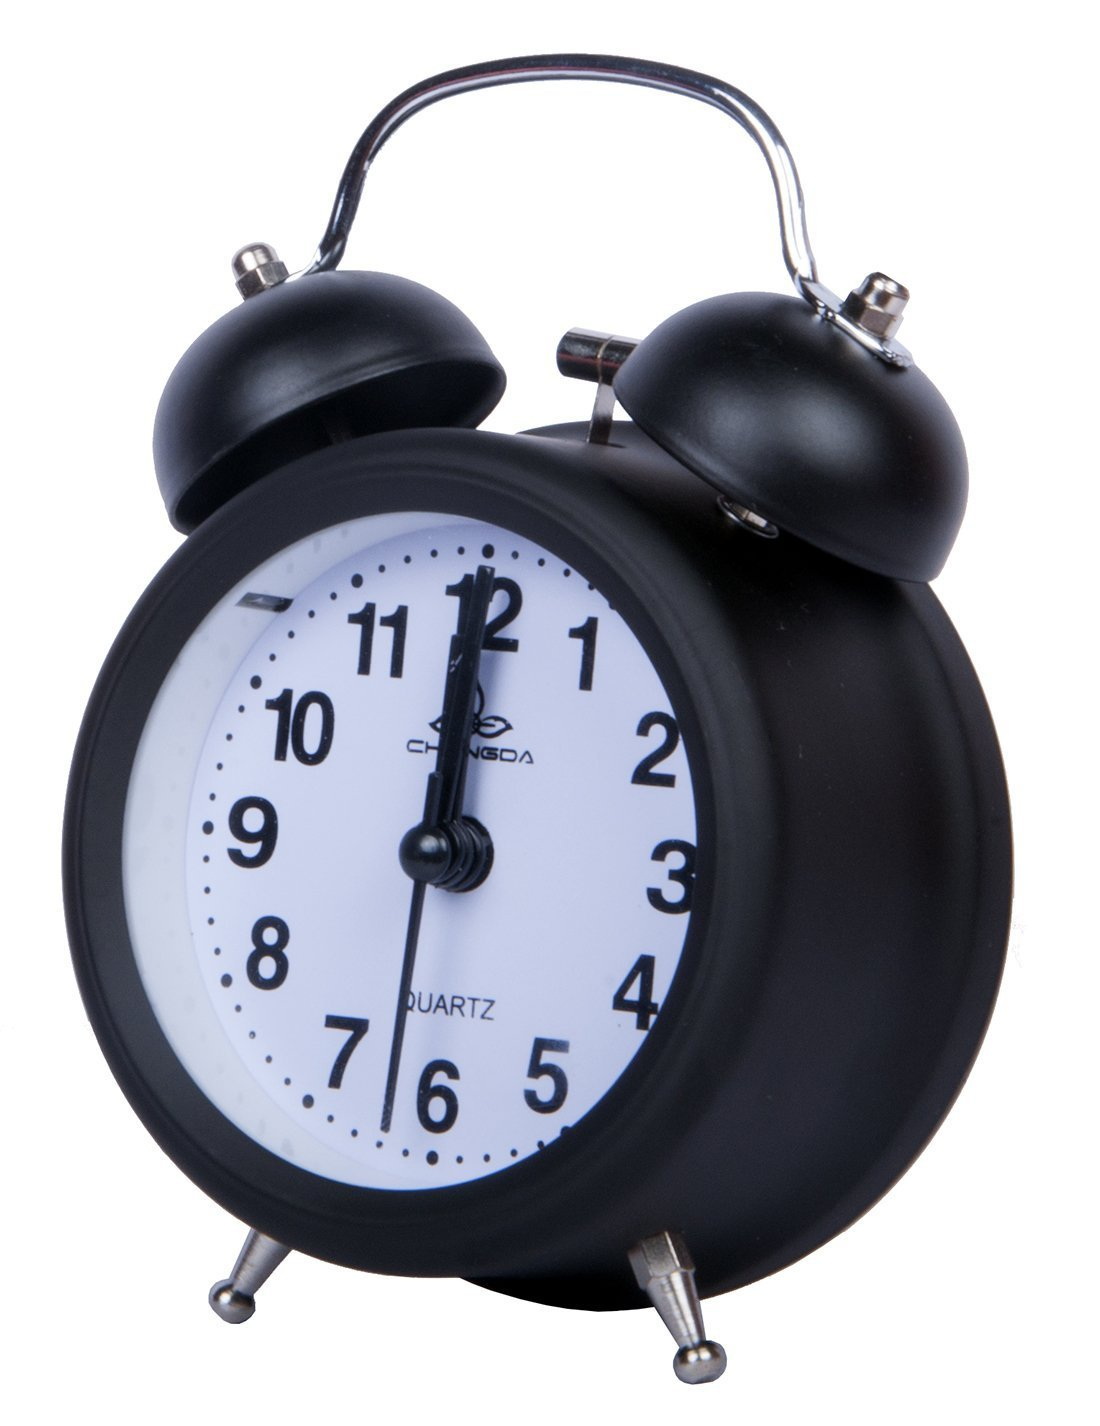 Đồng hồ báo thức chuông reo